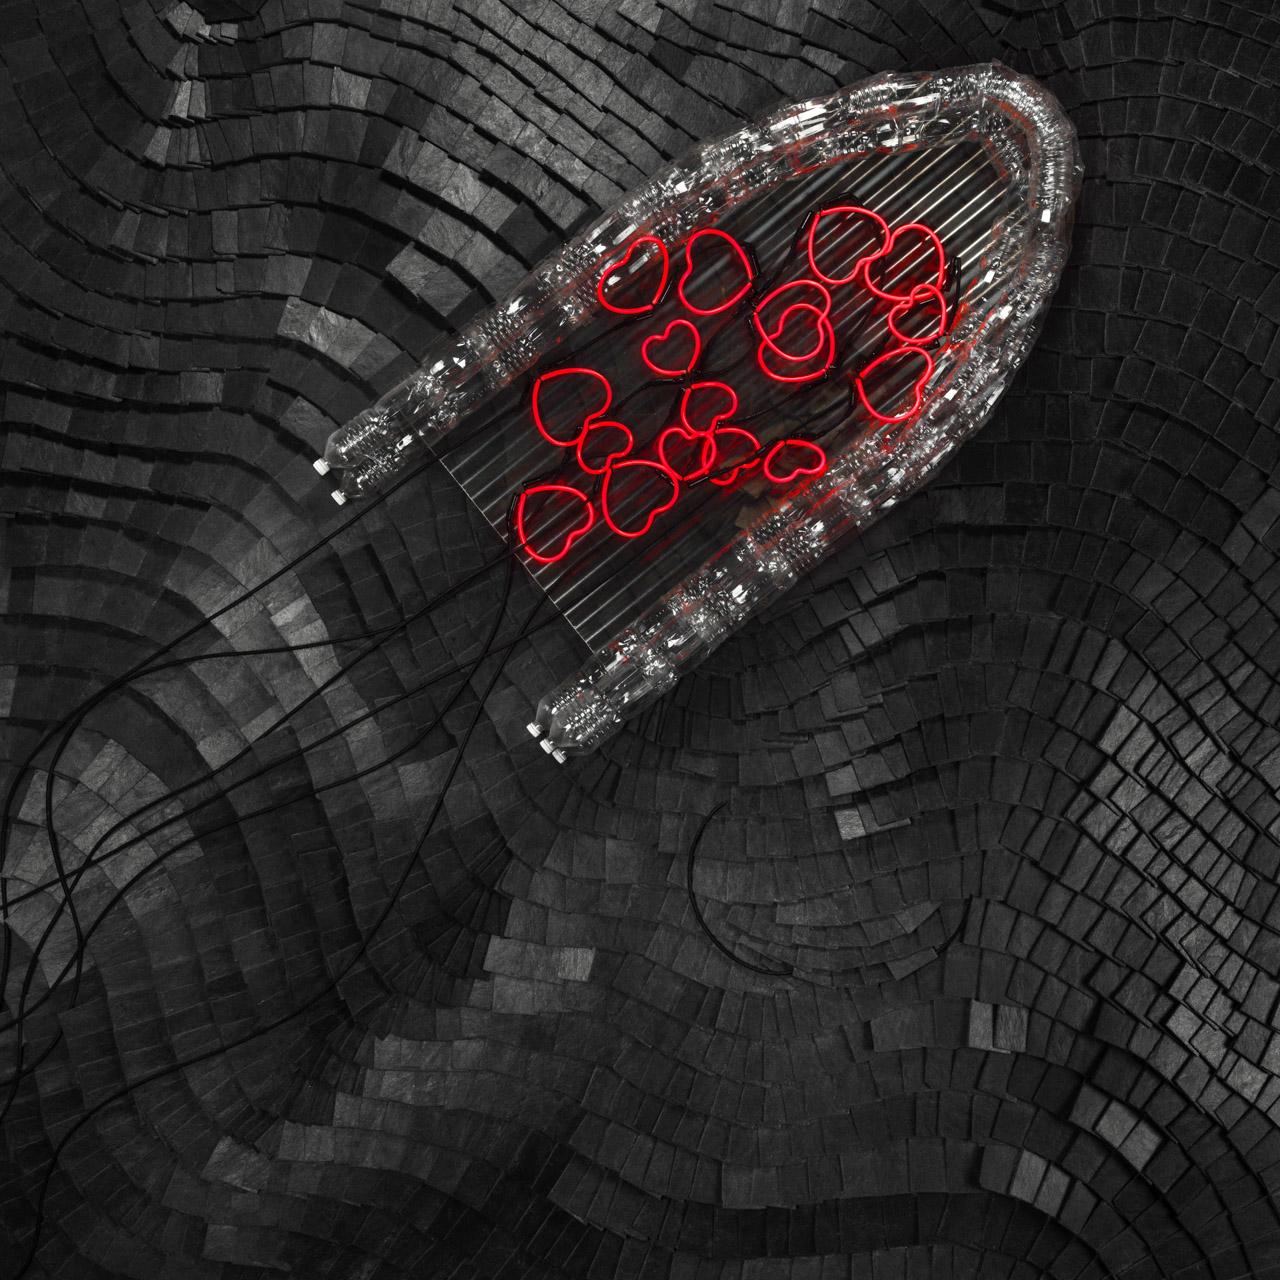 The Heart Full of Hope 4